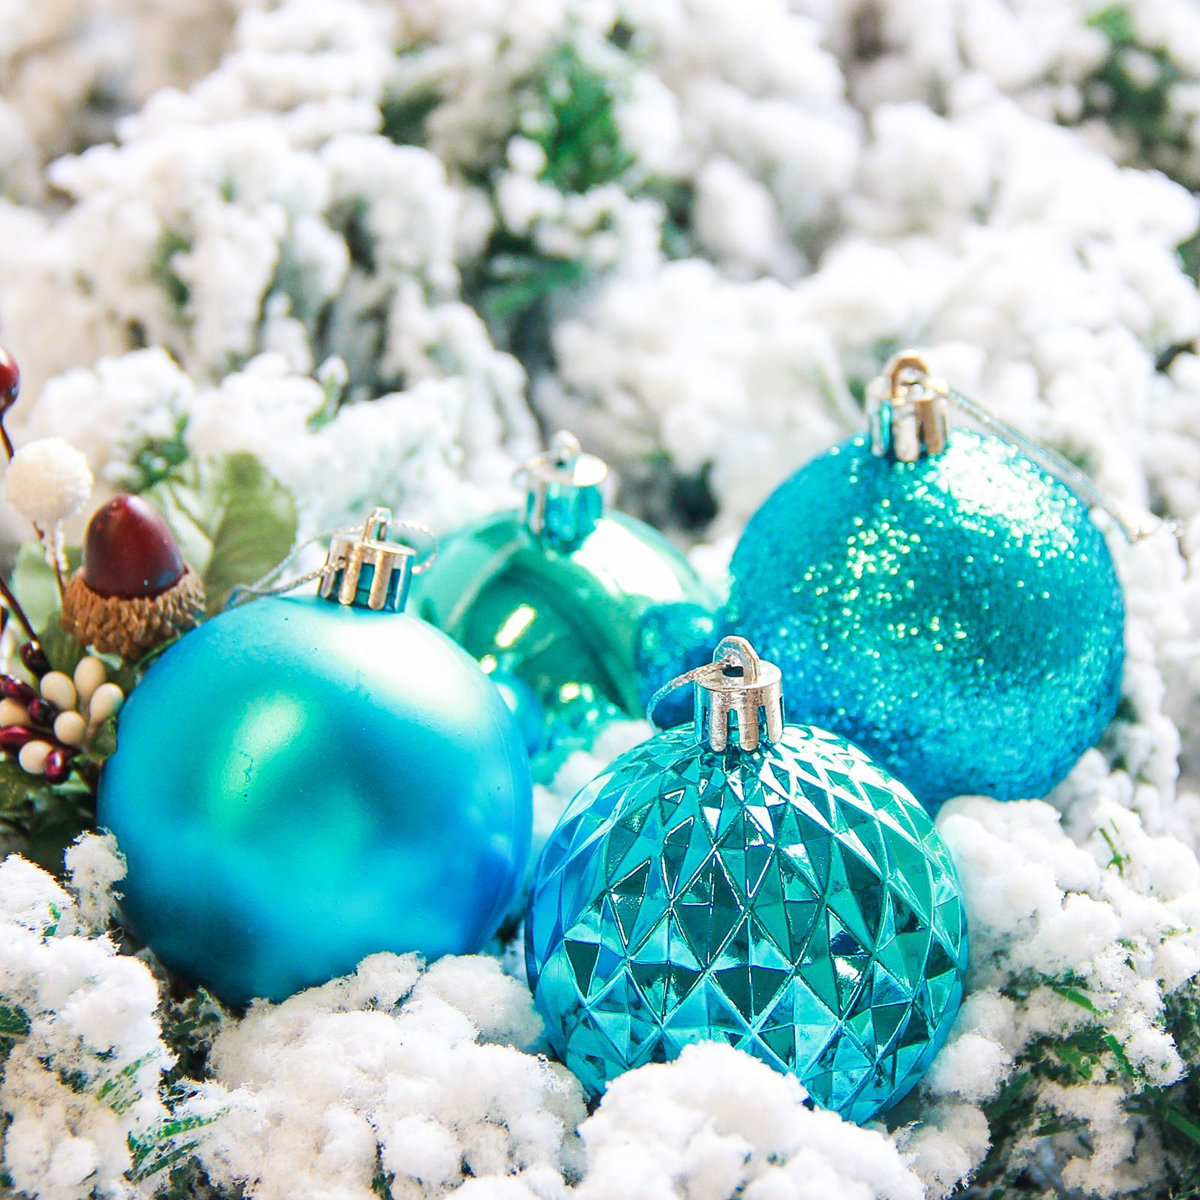 Набор новогодних подвесных украшений Sima-land Нобиле, цвет: голубой, диаметр 6 см, 21 шт2178257Набор новогодних подвесных украшений Sima-land отлично подойдет для декорации вашего дома и новогодней ели. С помощью специальной петельки украшение можно повесить в любом понравившемся вам месте. Но, конечно, удачнее всего оно будет смотреться на праздничной елке. Елочная игрушка - символ Нового года. Она несет в себе волшебство и красоту праздника. Создайте в своем доме атмосферу веселья и радости, украшая новогоднюю елку нарядными игрушками, которые будут из года в год накапливать теплоту воспоминаний.